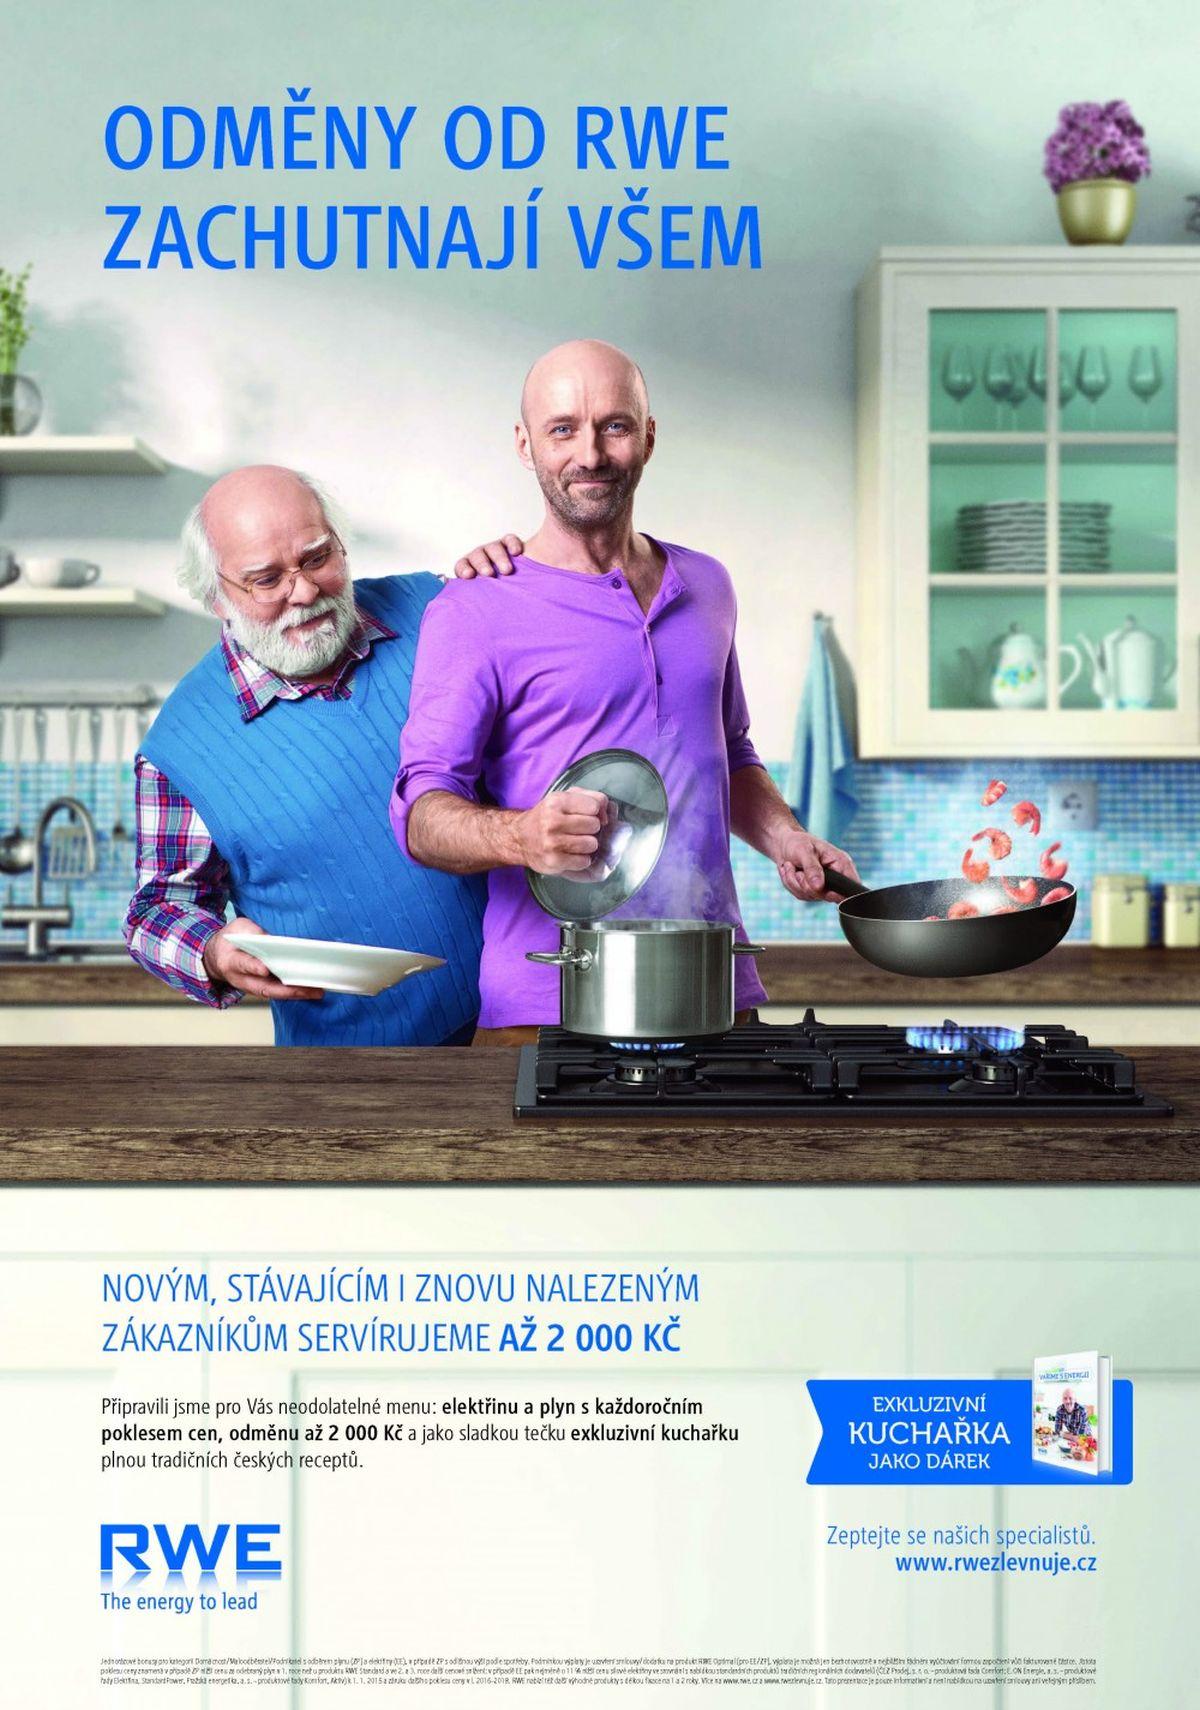 Kampaň RWE od agentur Young & Rubicam Praha a Wunderman